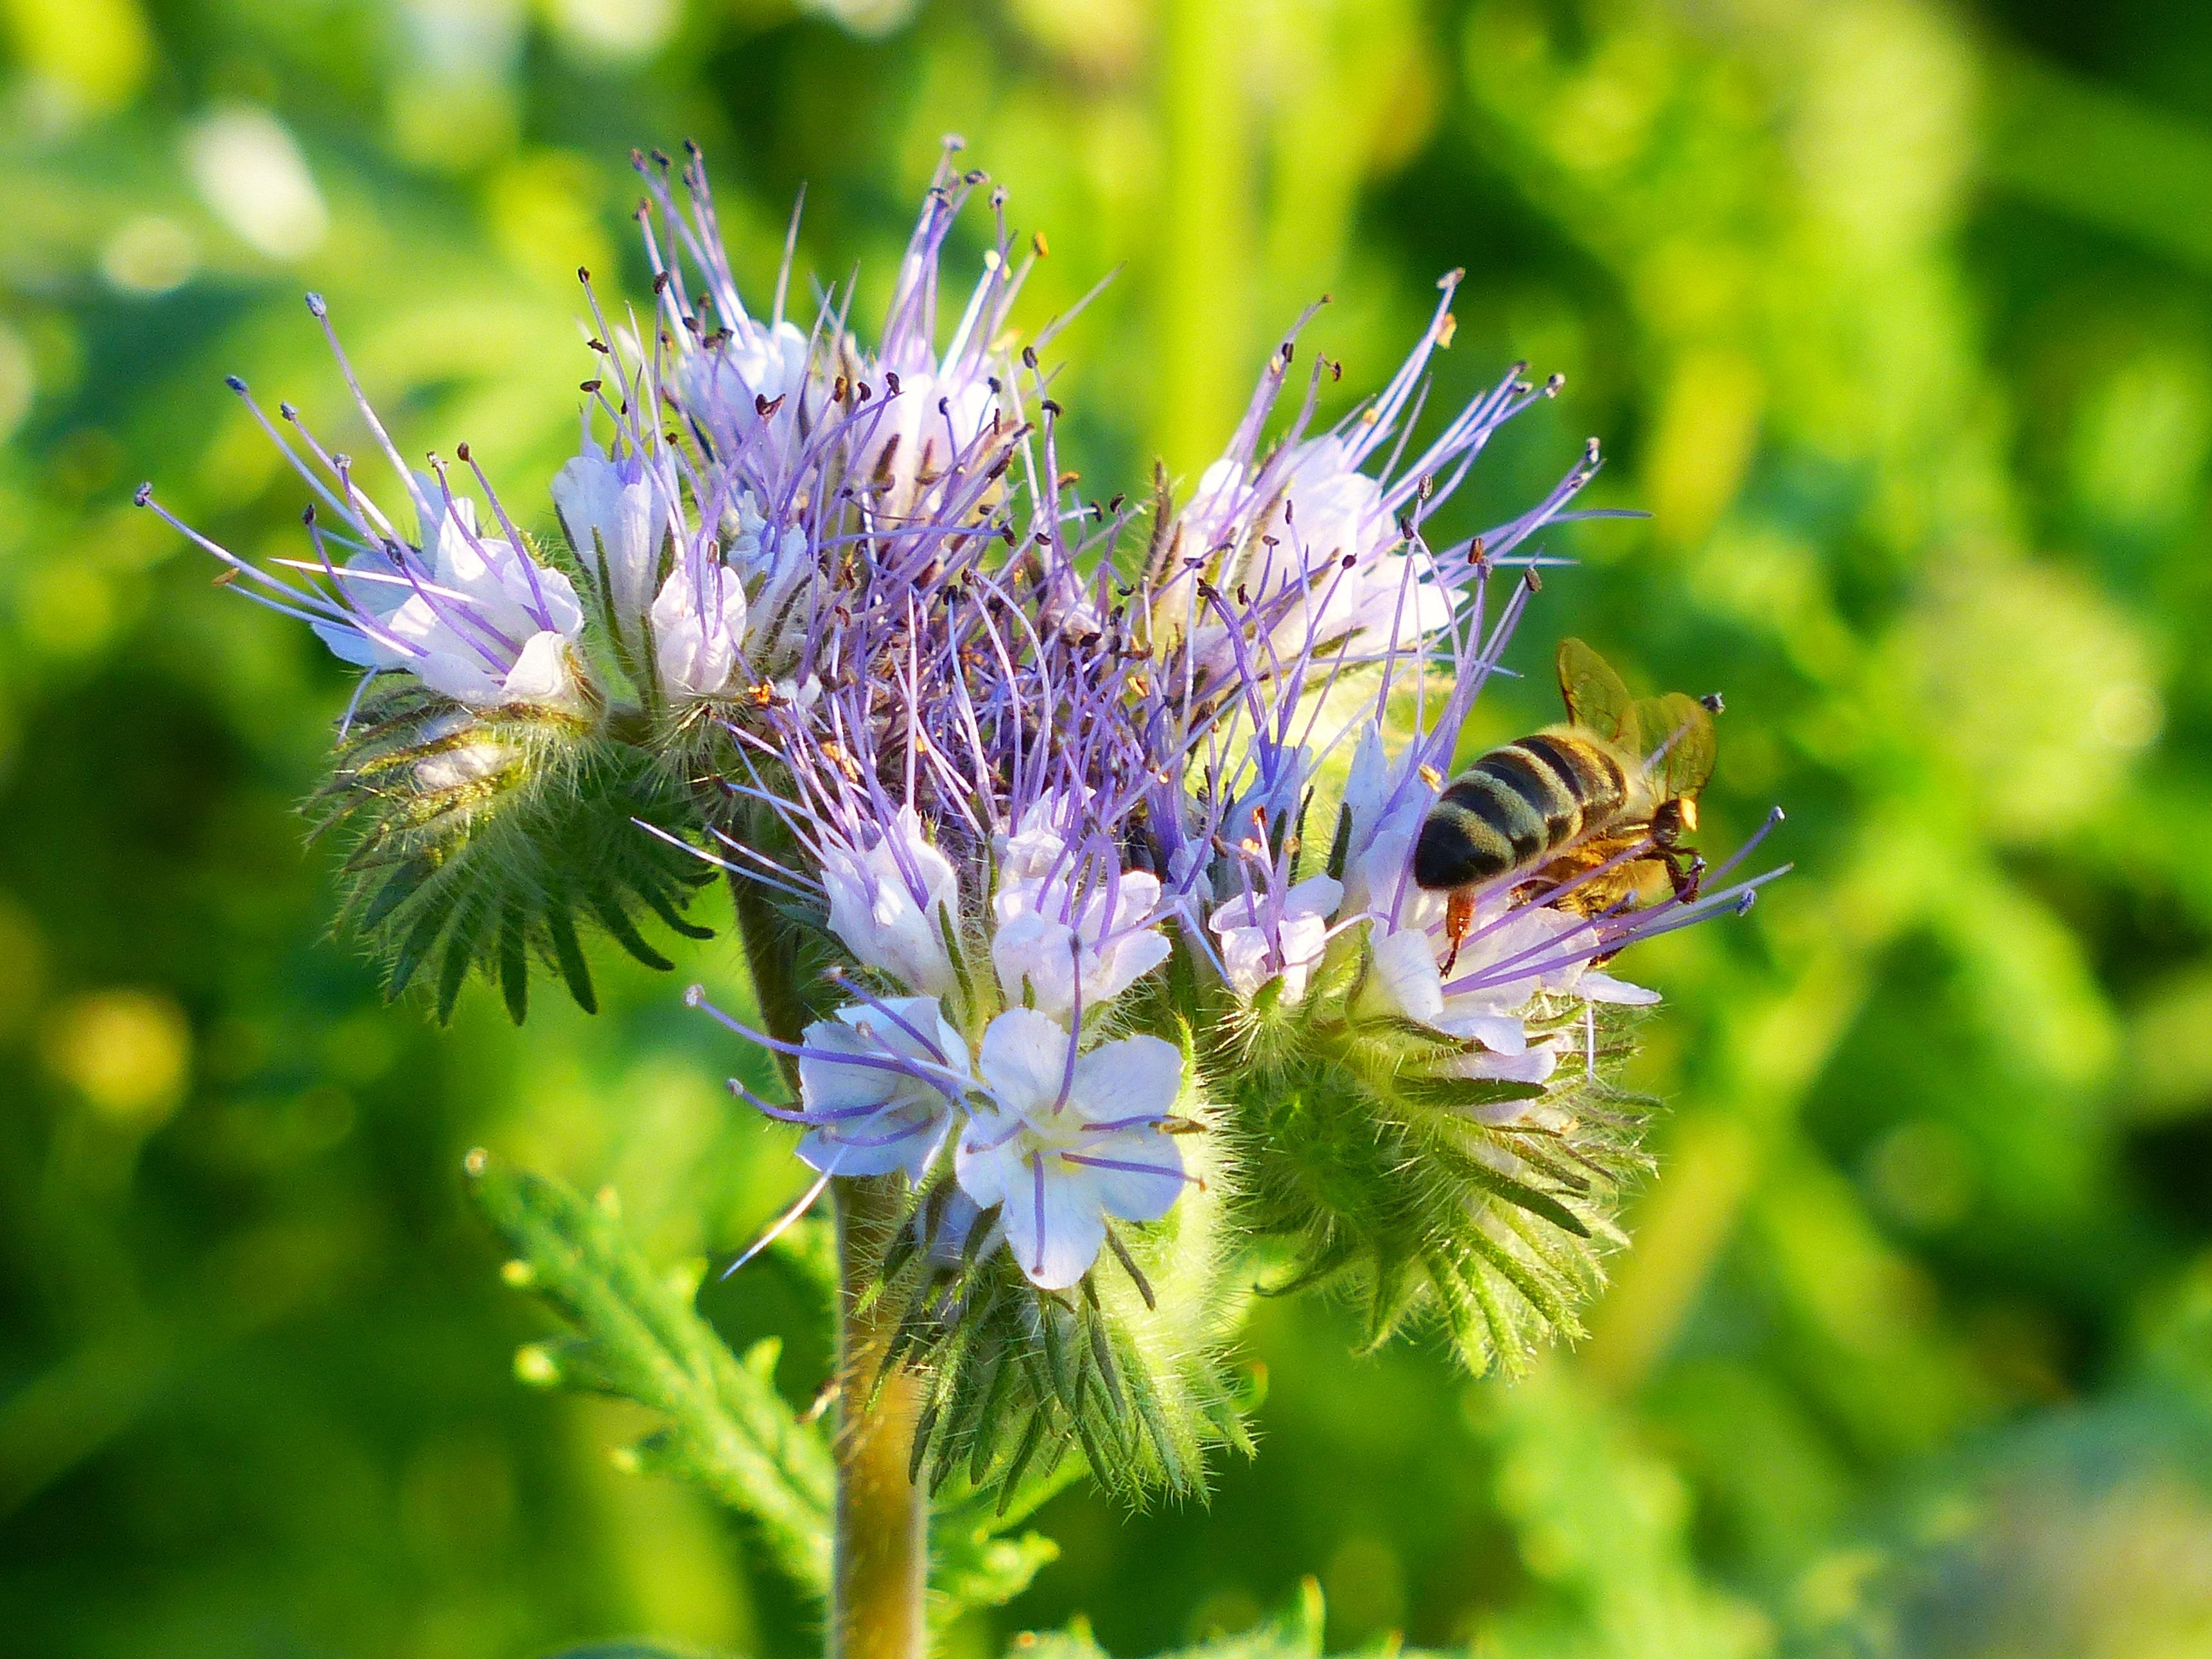 Immagini Belle Natura Fiorire Fioritura Erba Botanica Flora